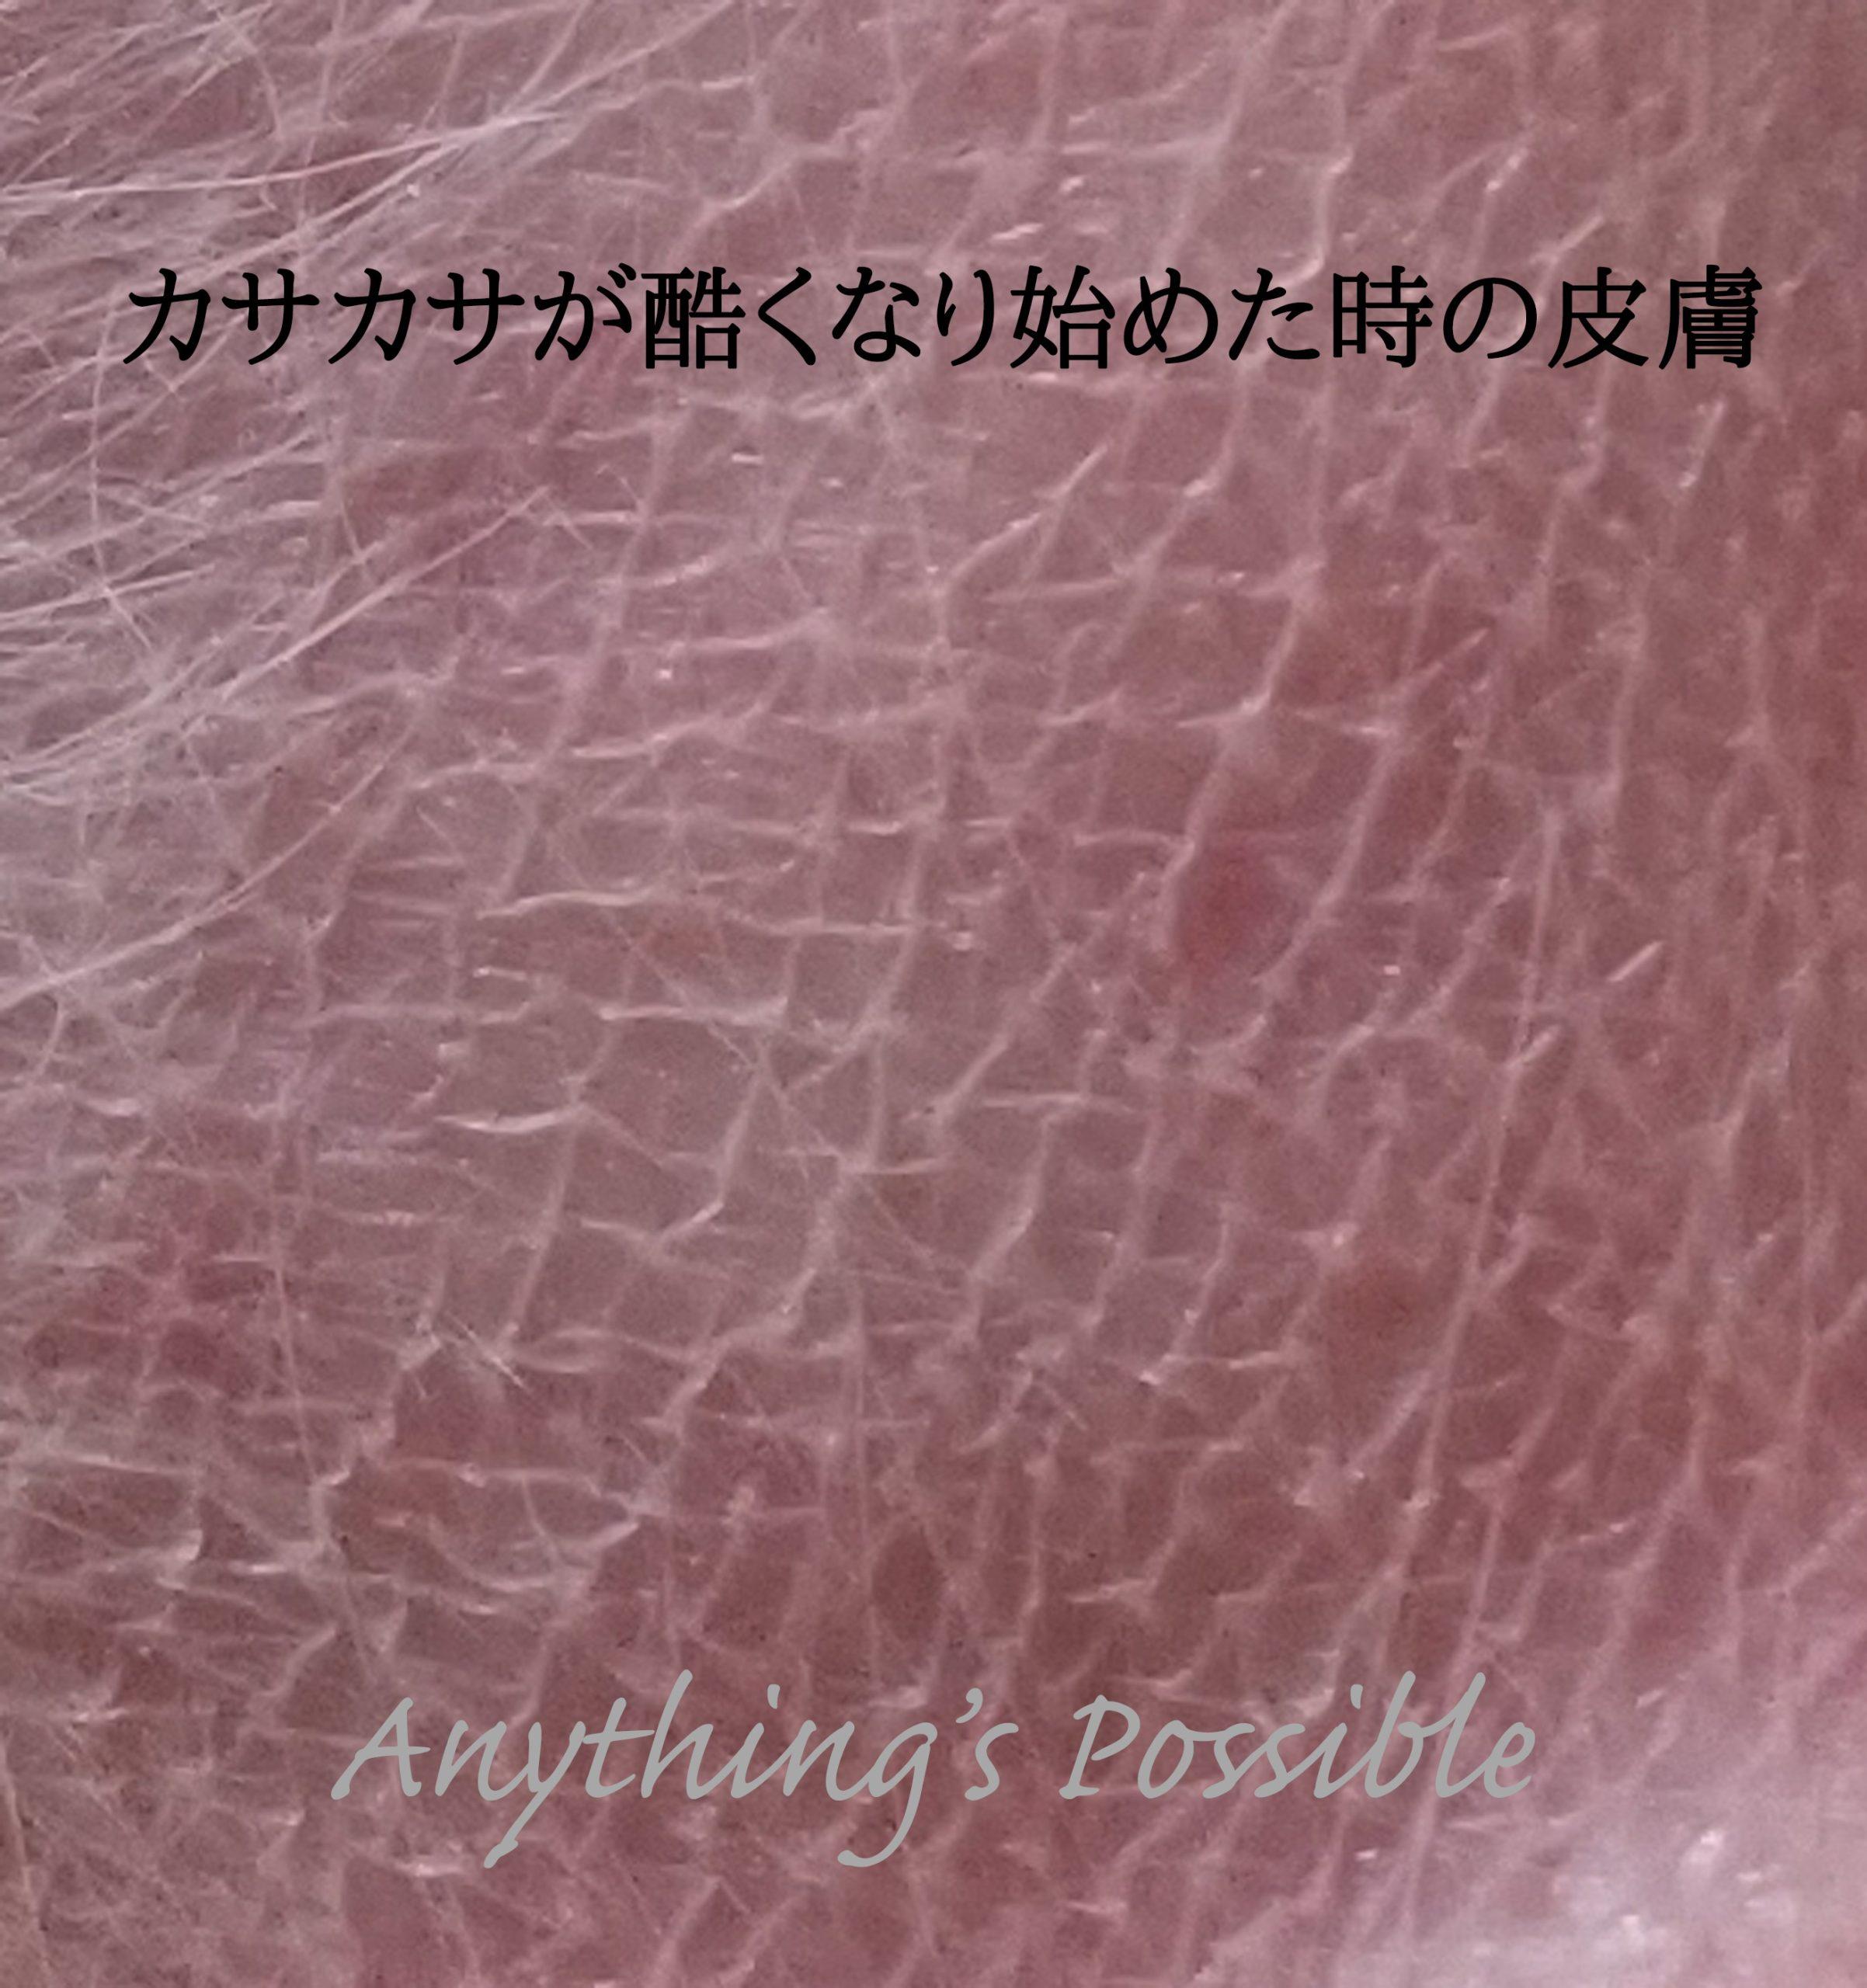 ステロイドの副作用(皮膚が薄く